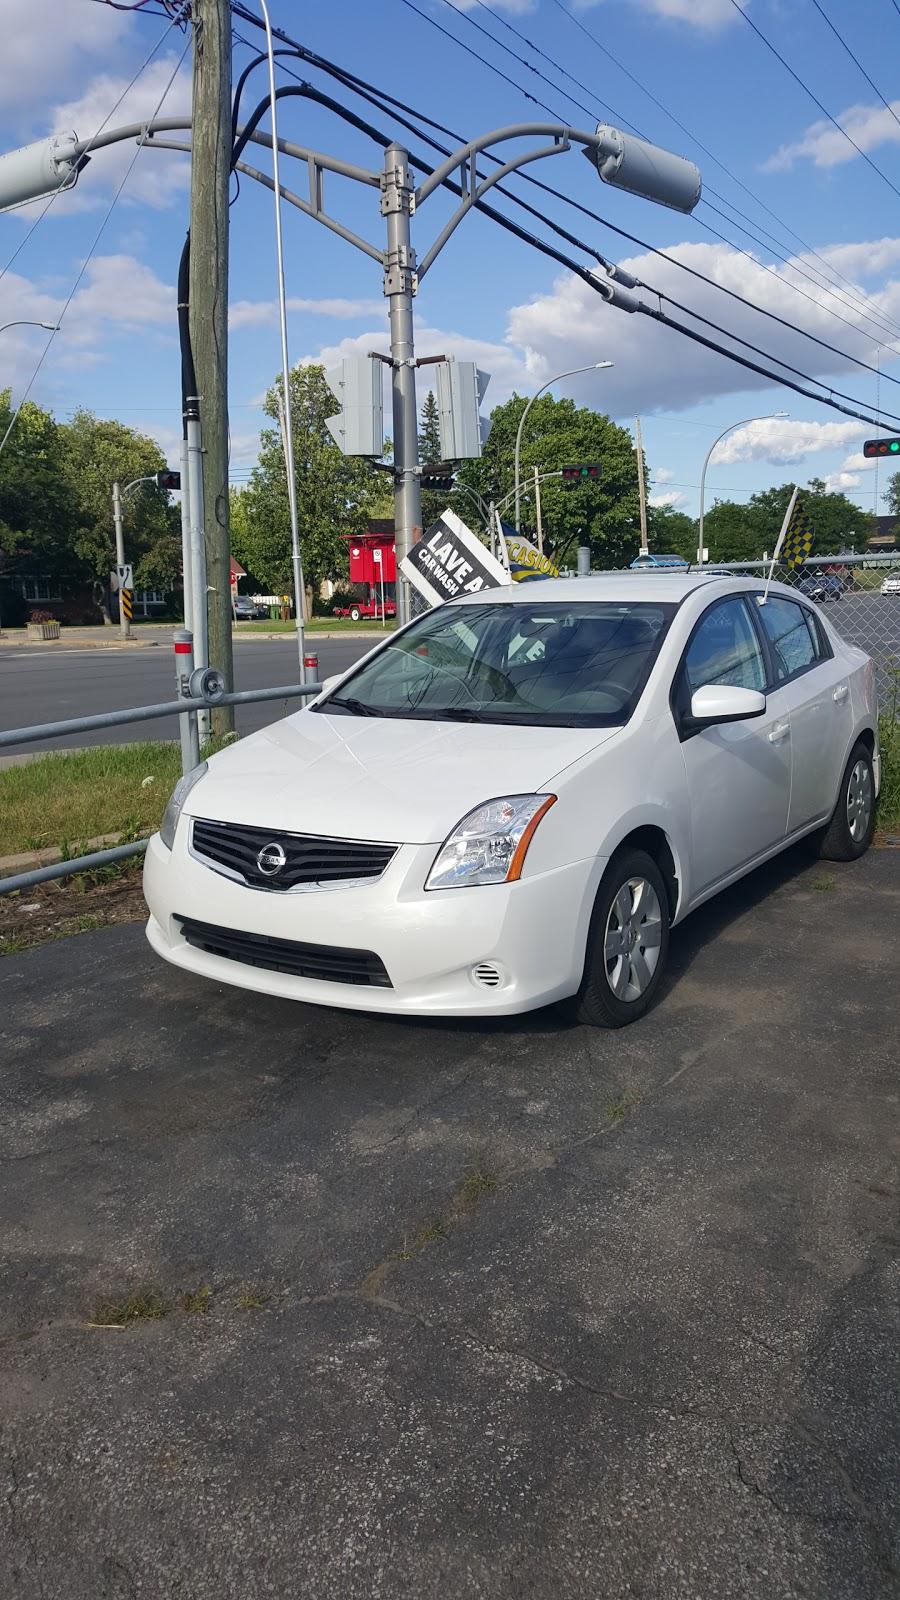 Garage 5 Star | car repair | 9722 Boul Gouin O, Pierrefonds, QC H8Y 1R5, Canada | 5146855595 OR +1 514-685-5595